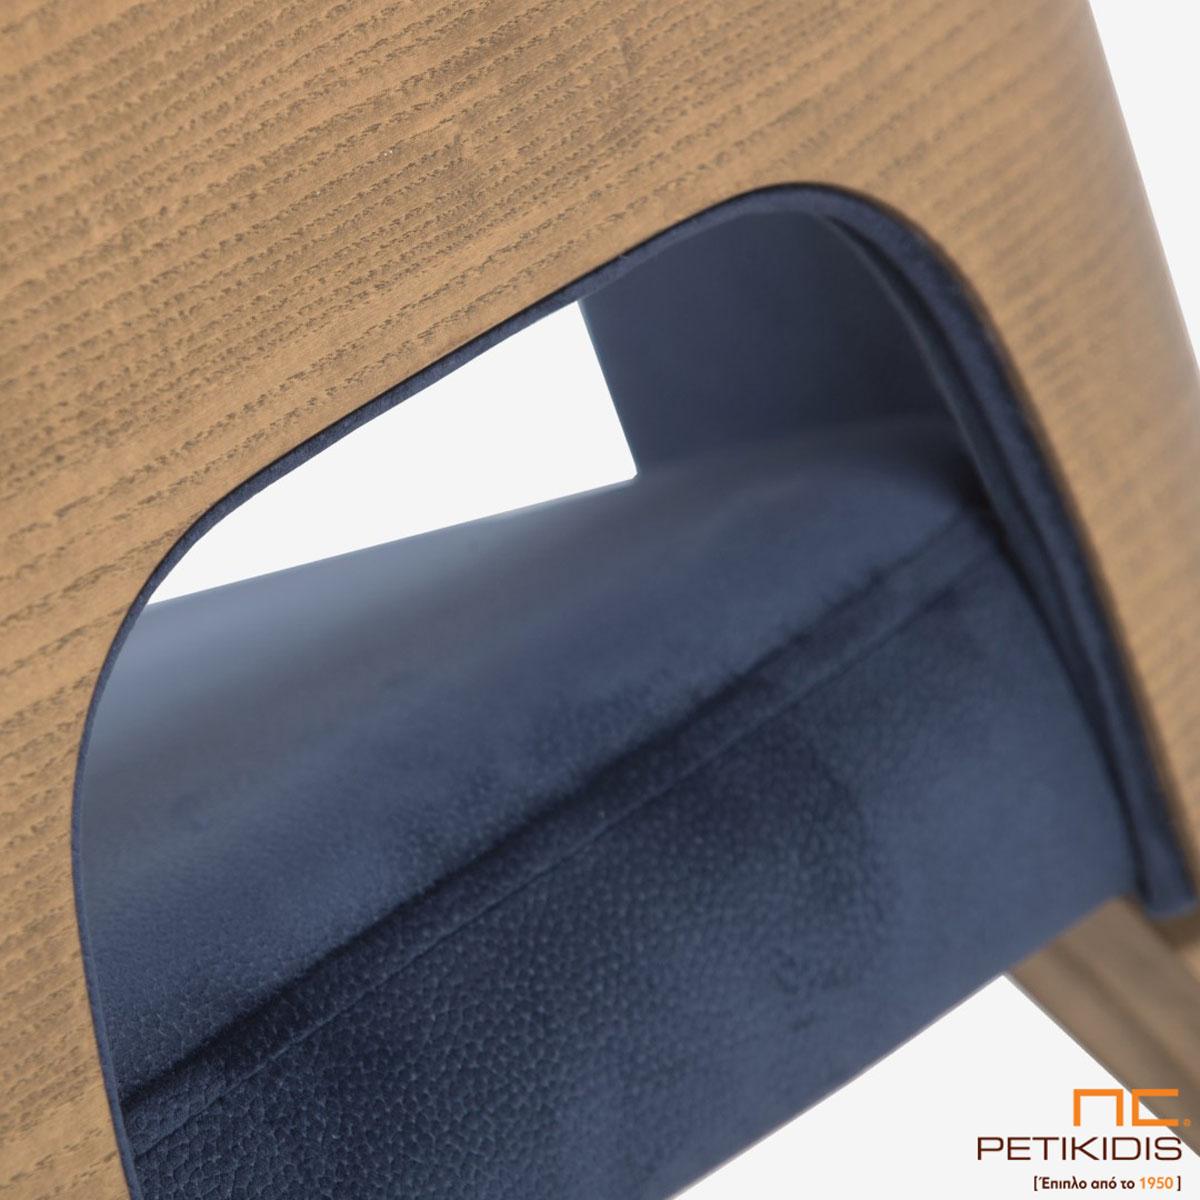 Καρέκλα Marien Plus A93 με ξύλινη μασίφ βάση και περίτεχνη ξύλινη πλάτη. Το ύφασμα είναι σε μπλε σκούρο χρώμα αδιάβροχο και αλέκιαστο. Λεπτομέρεια.